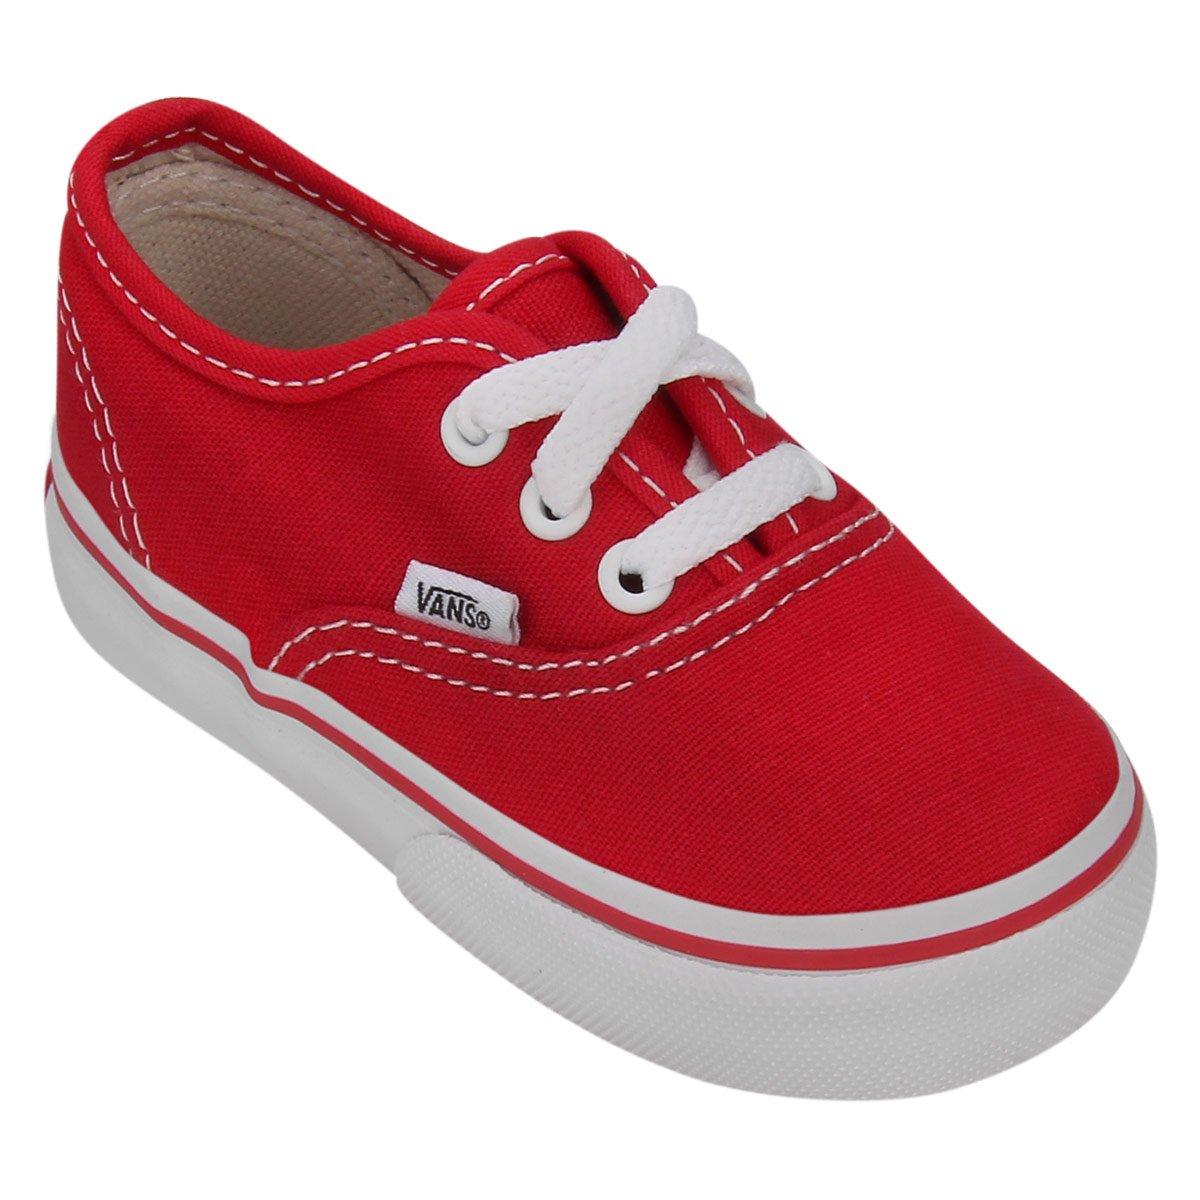 86425439943 Tênis Vans T Authentic Infantil - Compre Agora